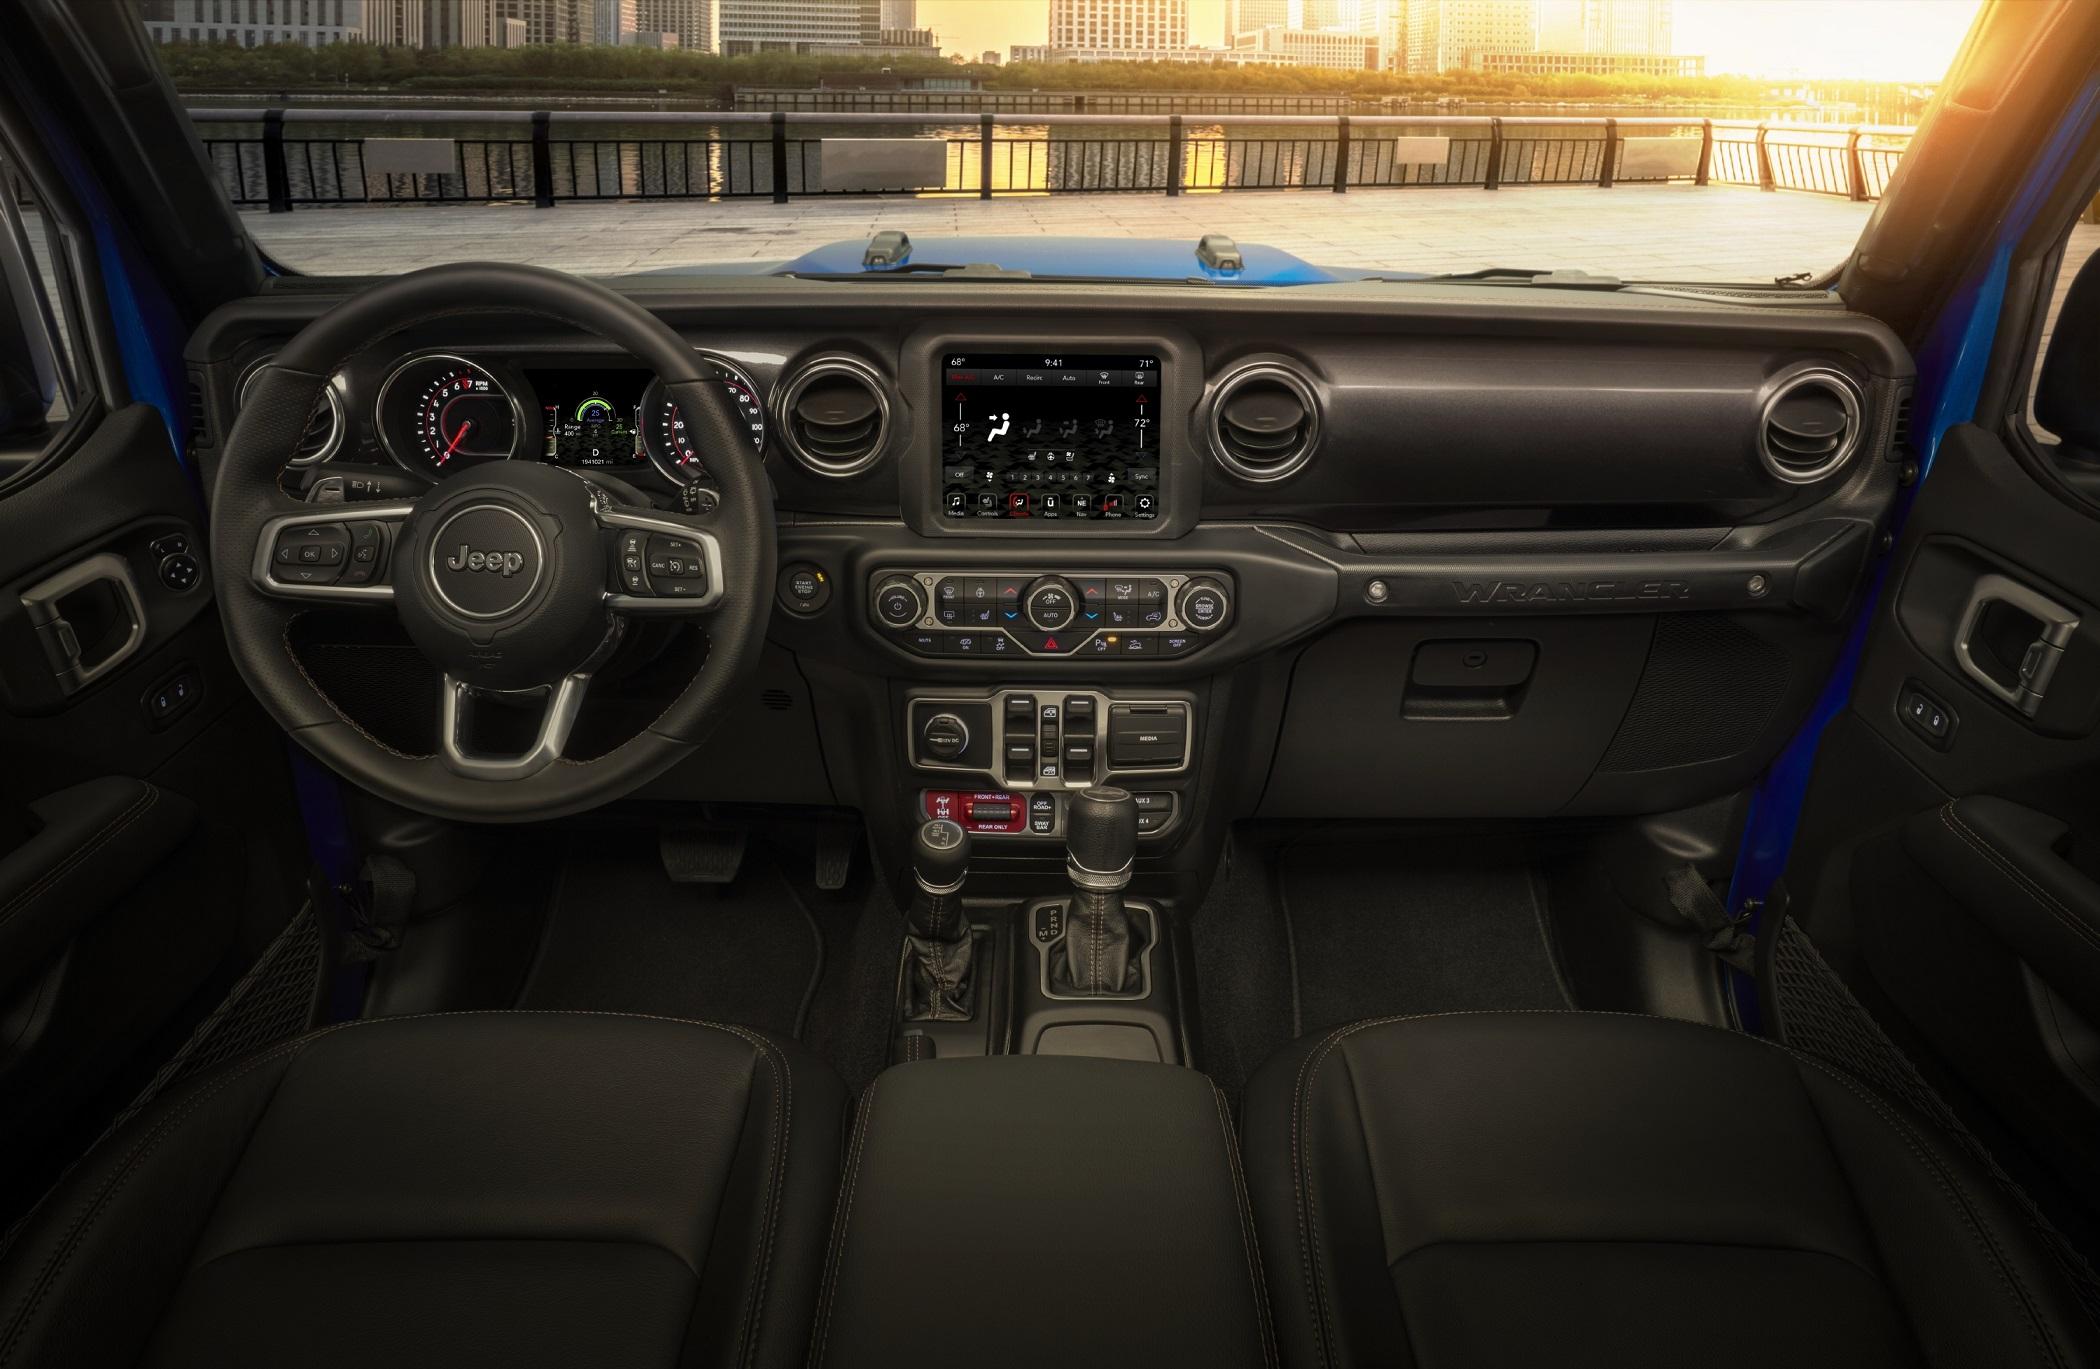 The driver area of the 2021 Jeep® Wrangler Rubicon 392 interior